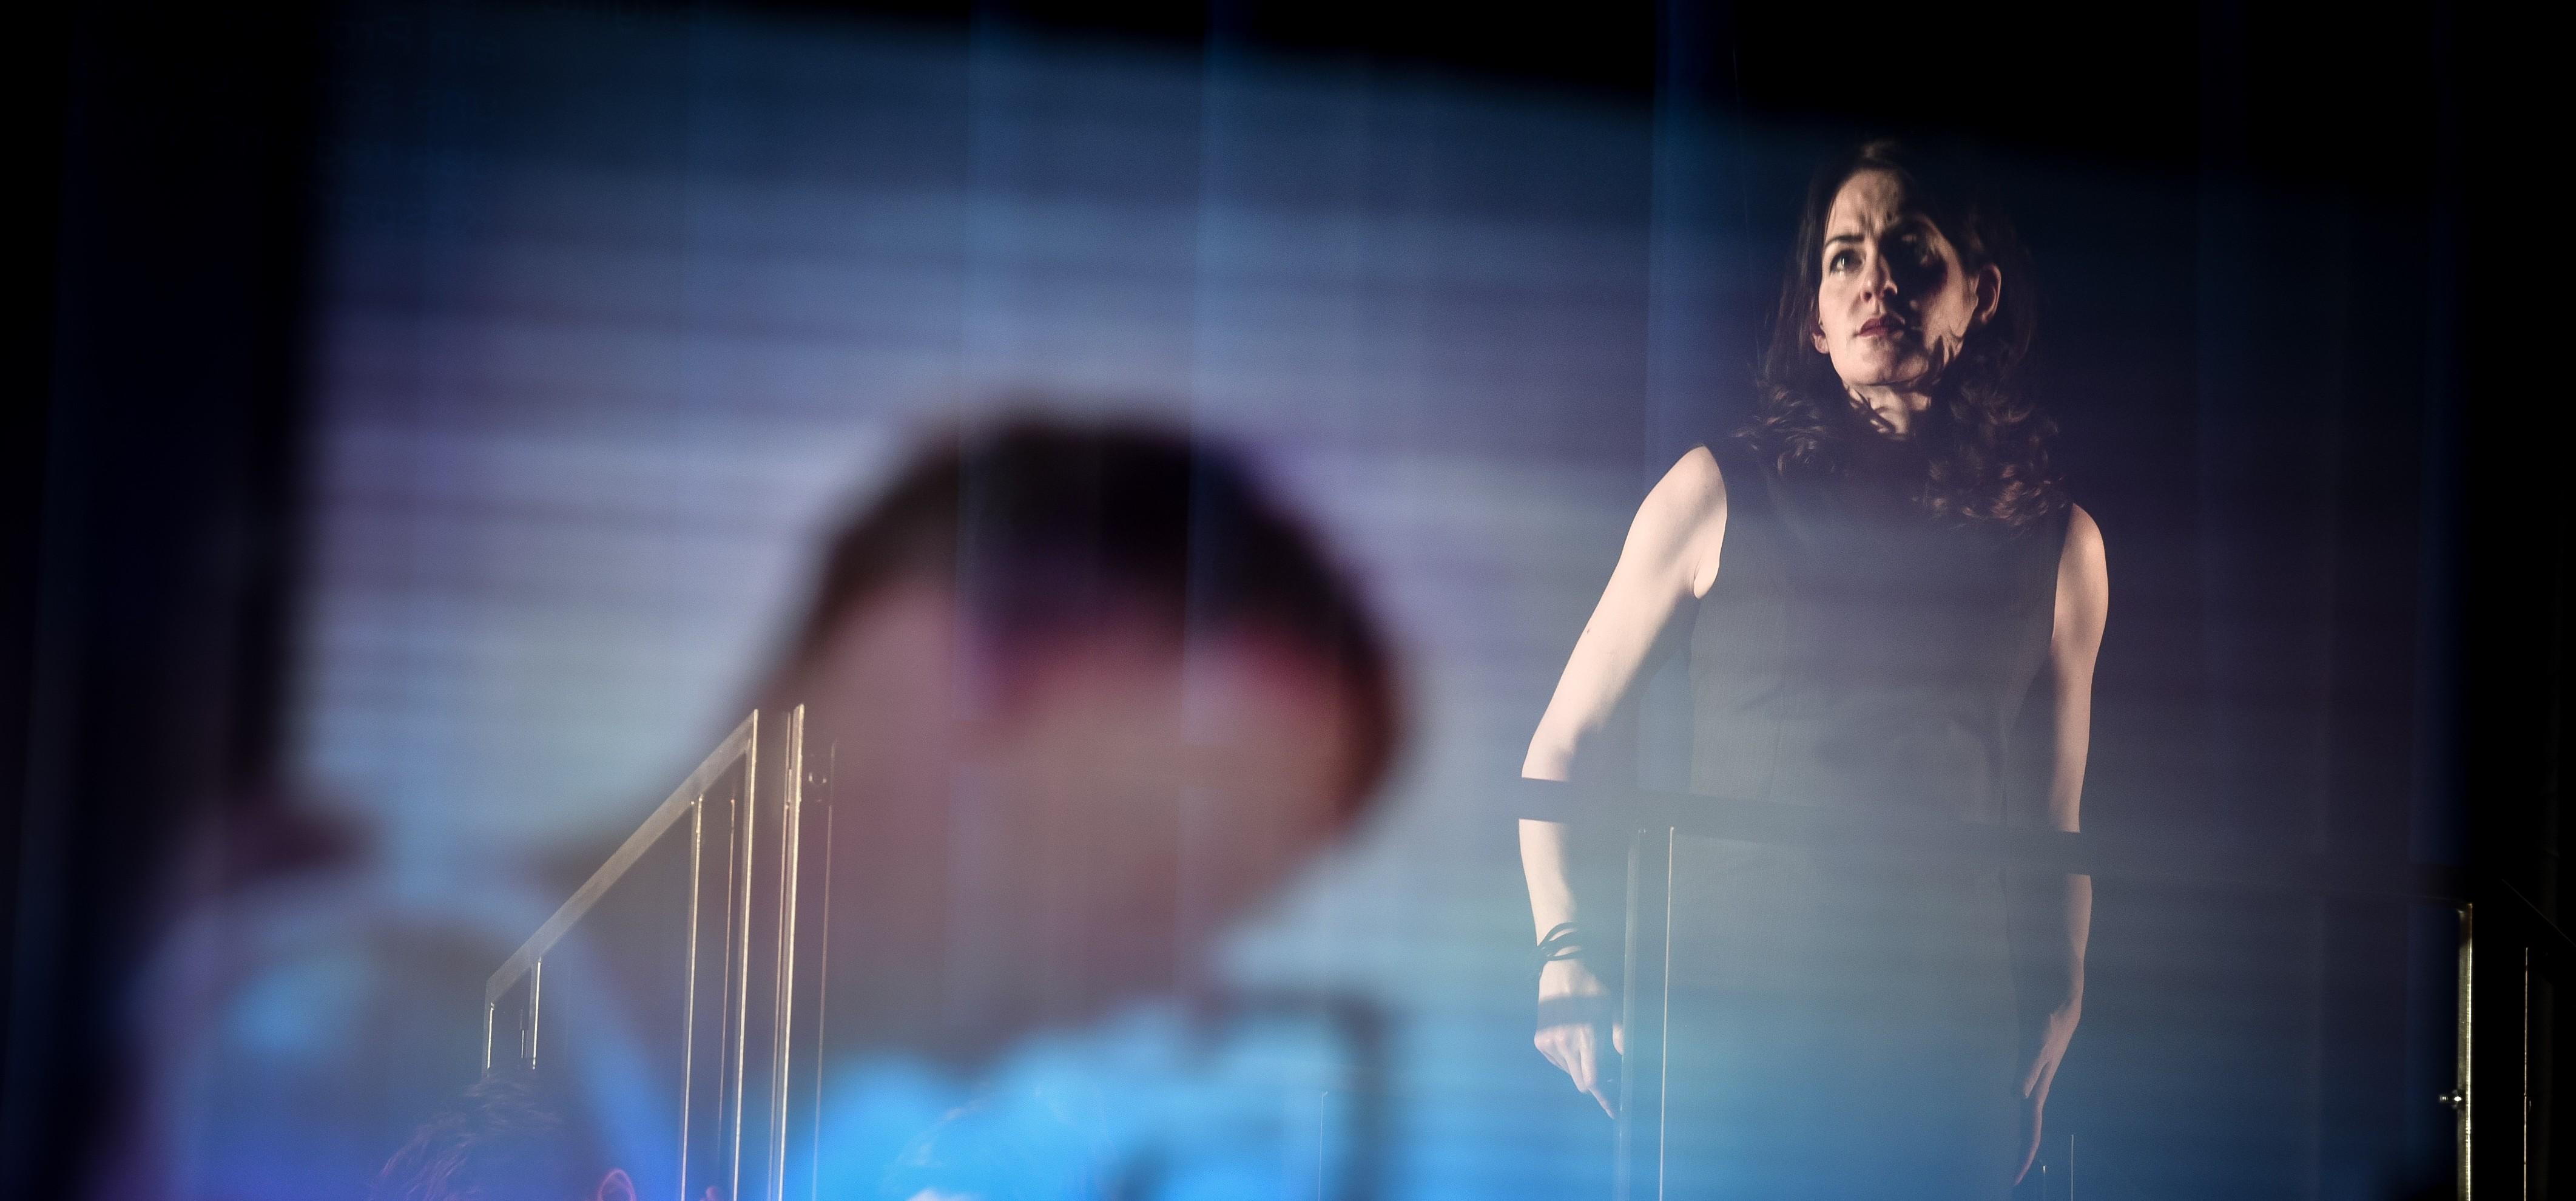 Fiktiv: Stephanie Eidt als Ministerpräsidentin – Foto: Arno Declair